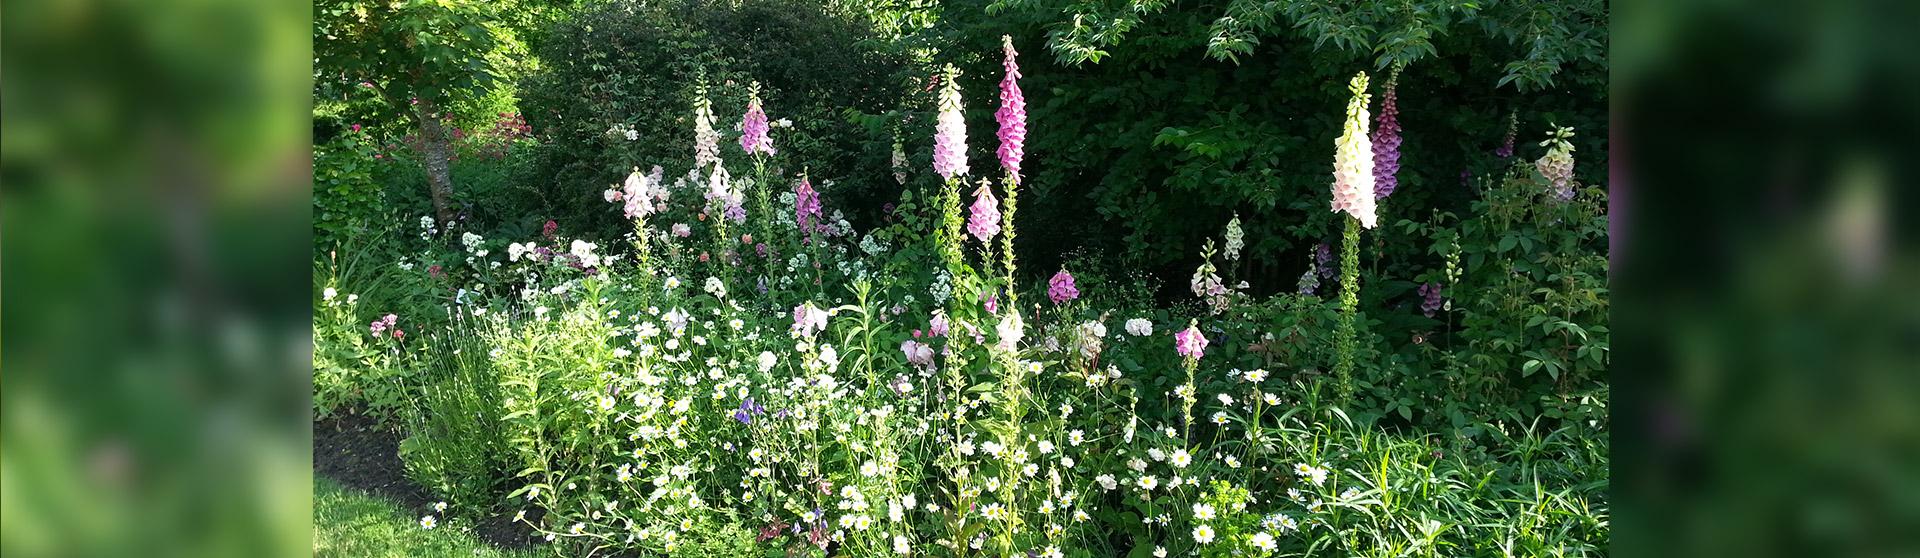 Jardins l anglaise champ tre et romantique jardins for Creation jardin anglais